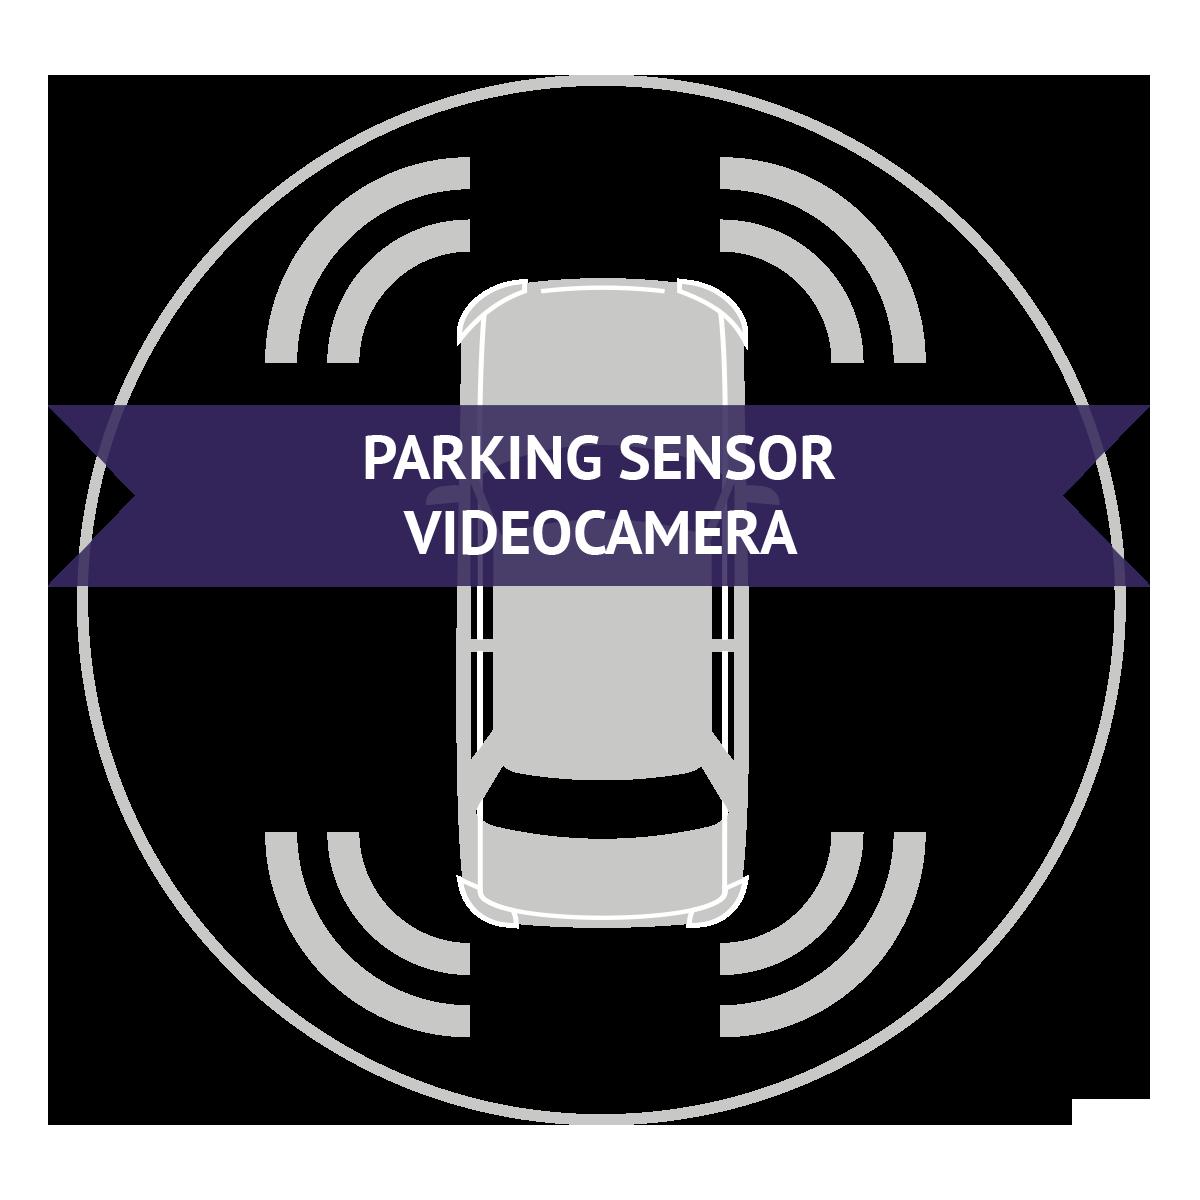 parking-sensor-videocamera